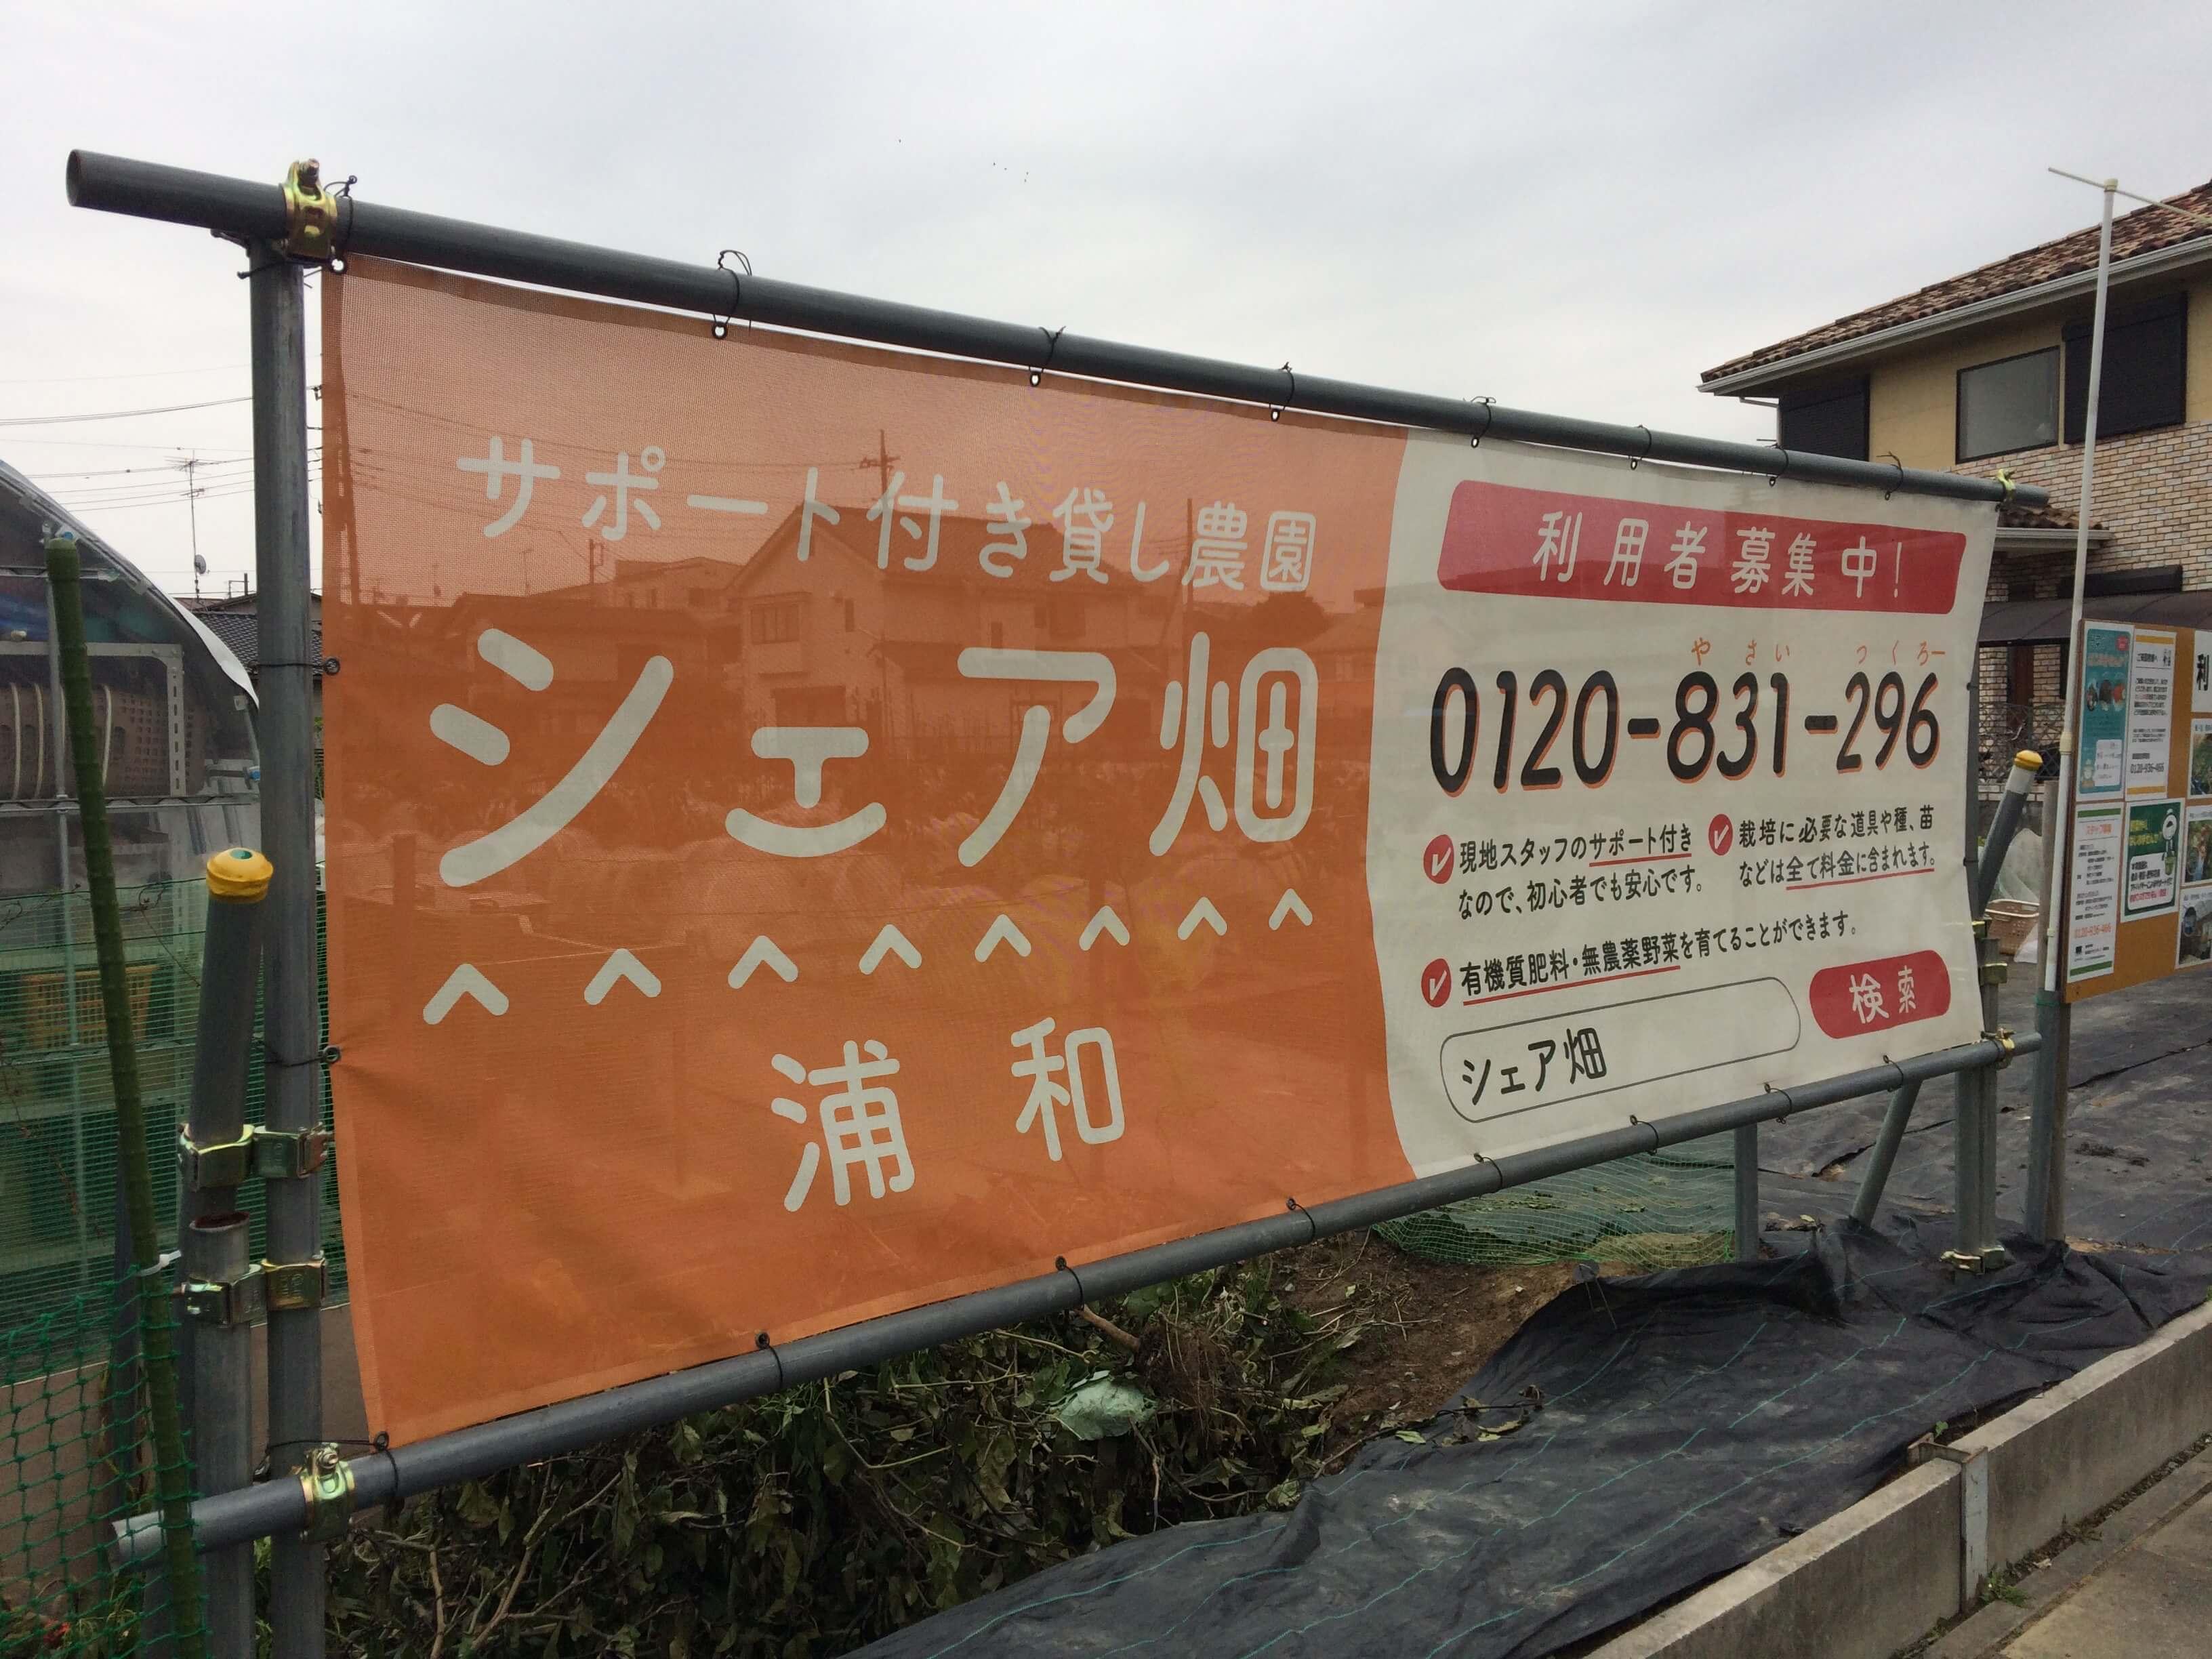 シェア畑見学と入会・口コミ・評判1